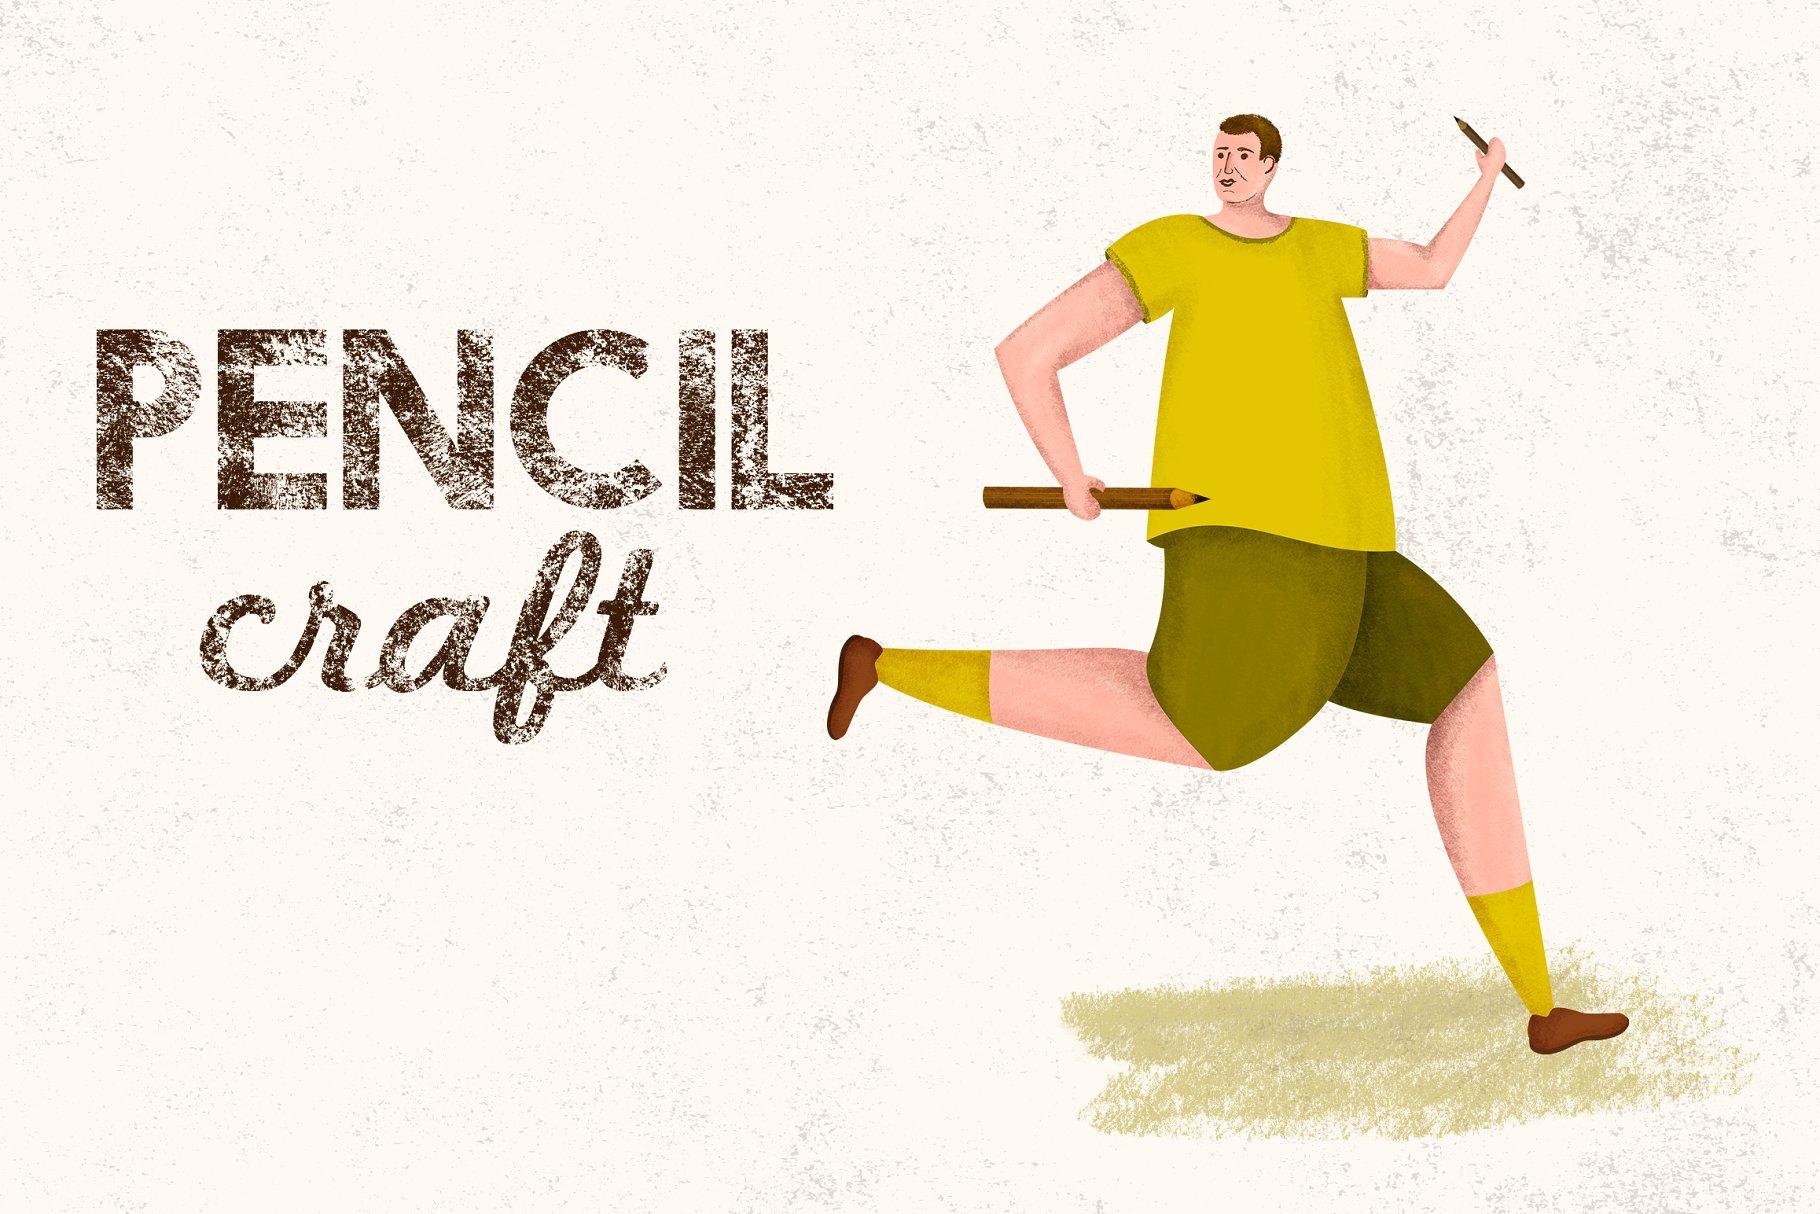 铅笔笔刷 Pencilcraft Brushes by Guerillacraft设计素材模板